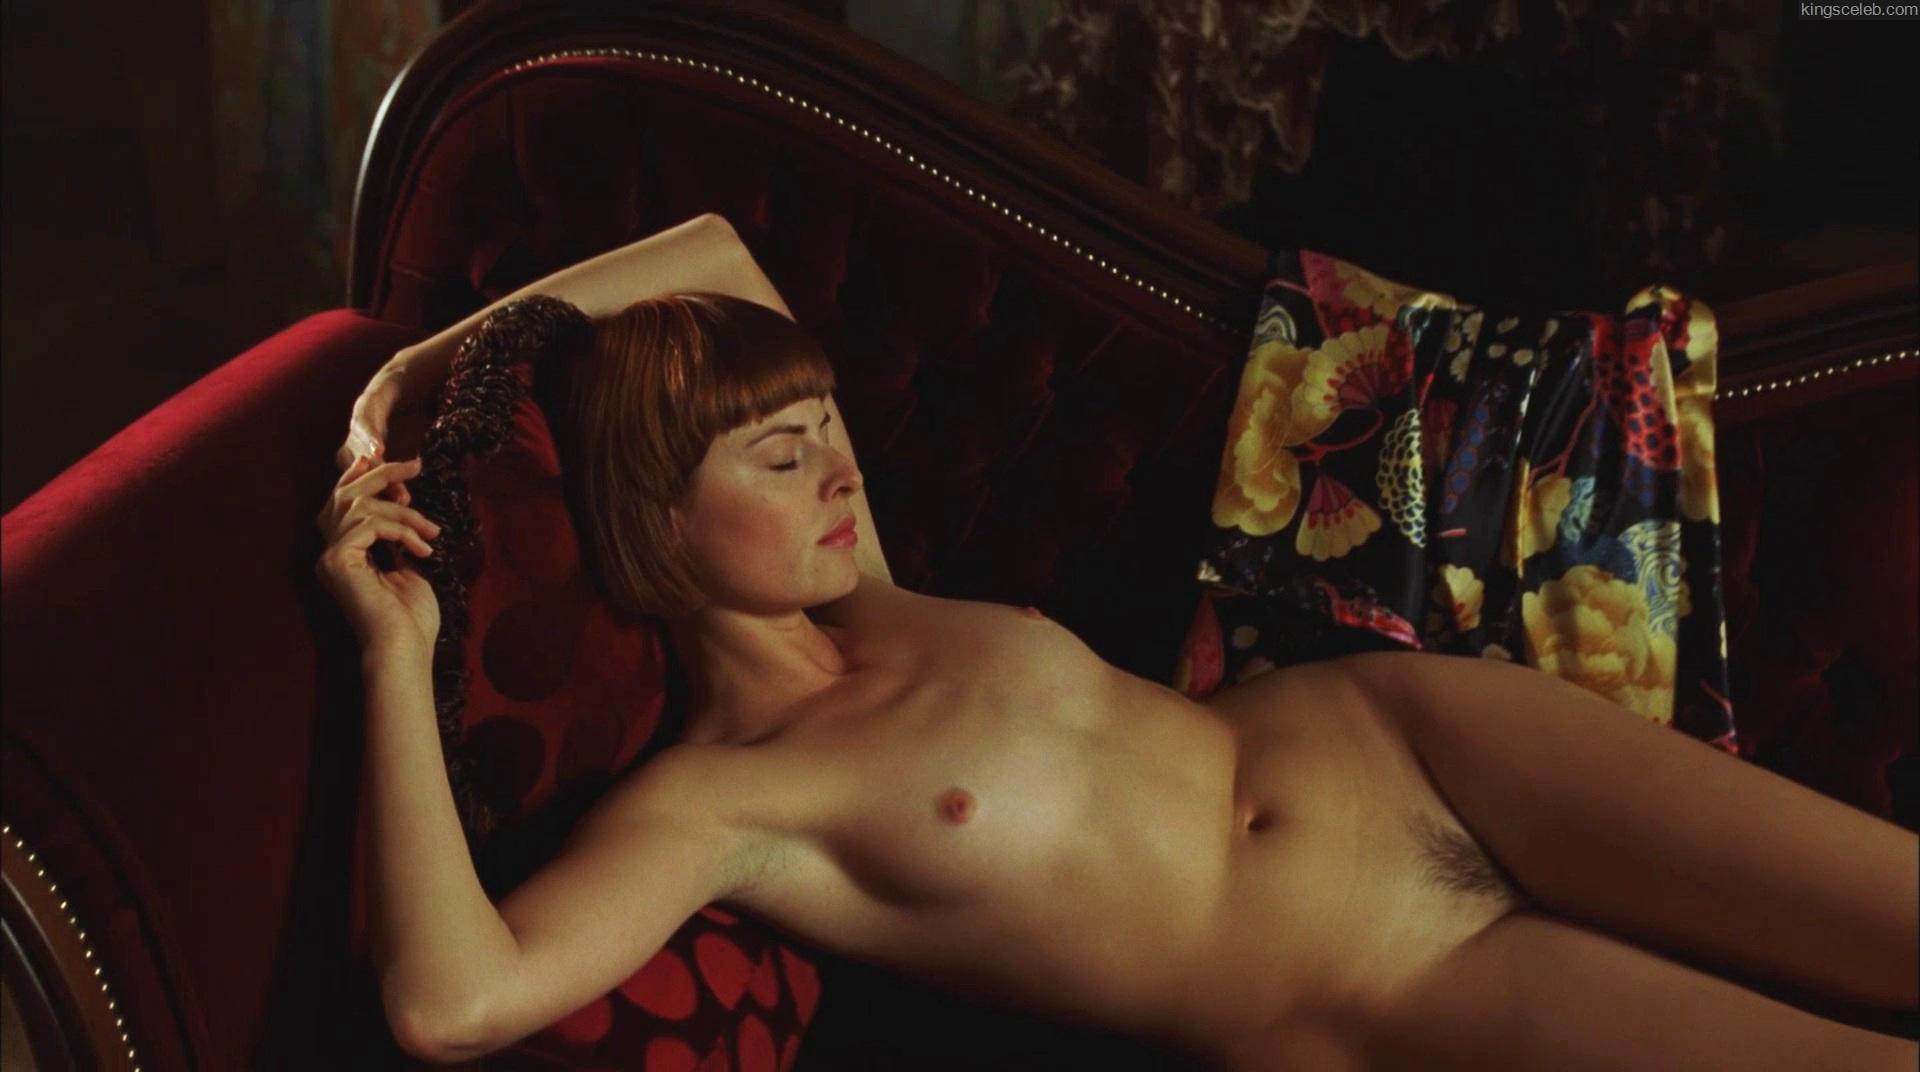 erotichniy-film-smotret-besplatno